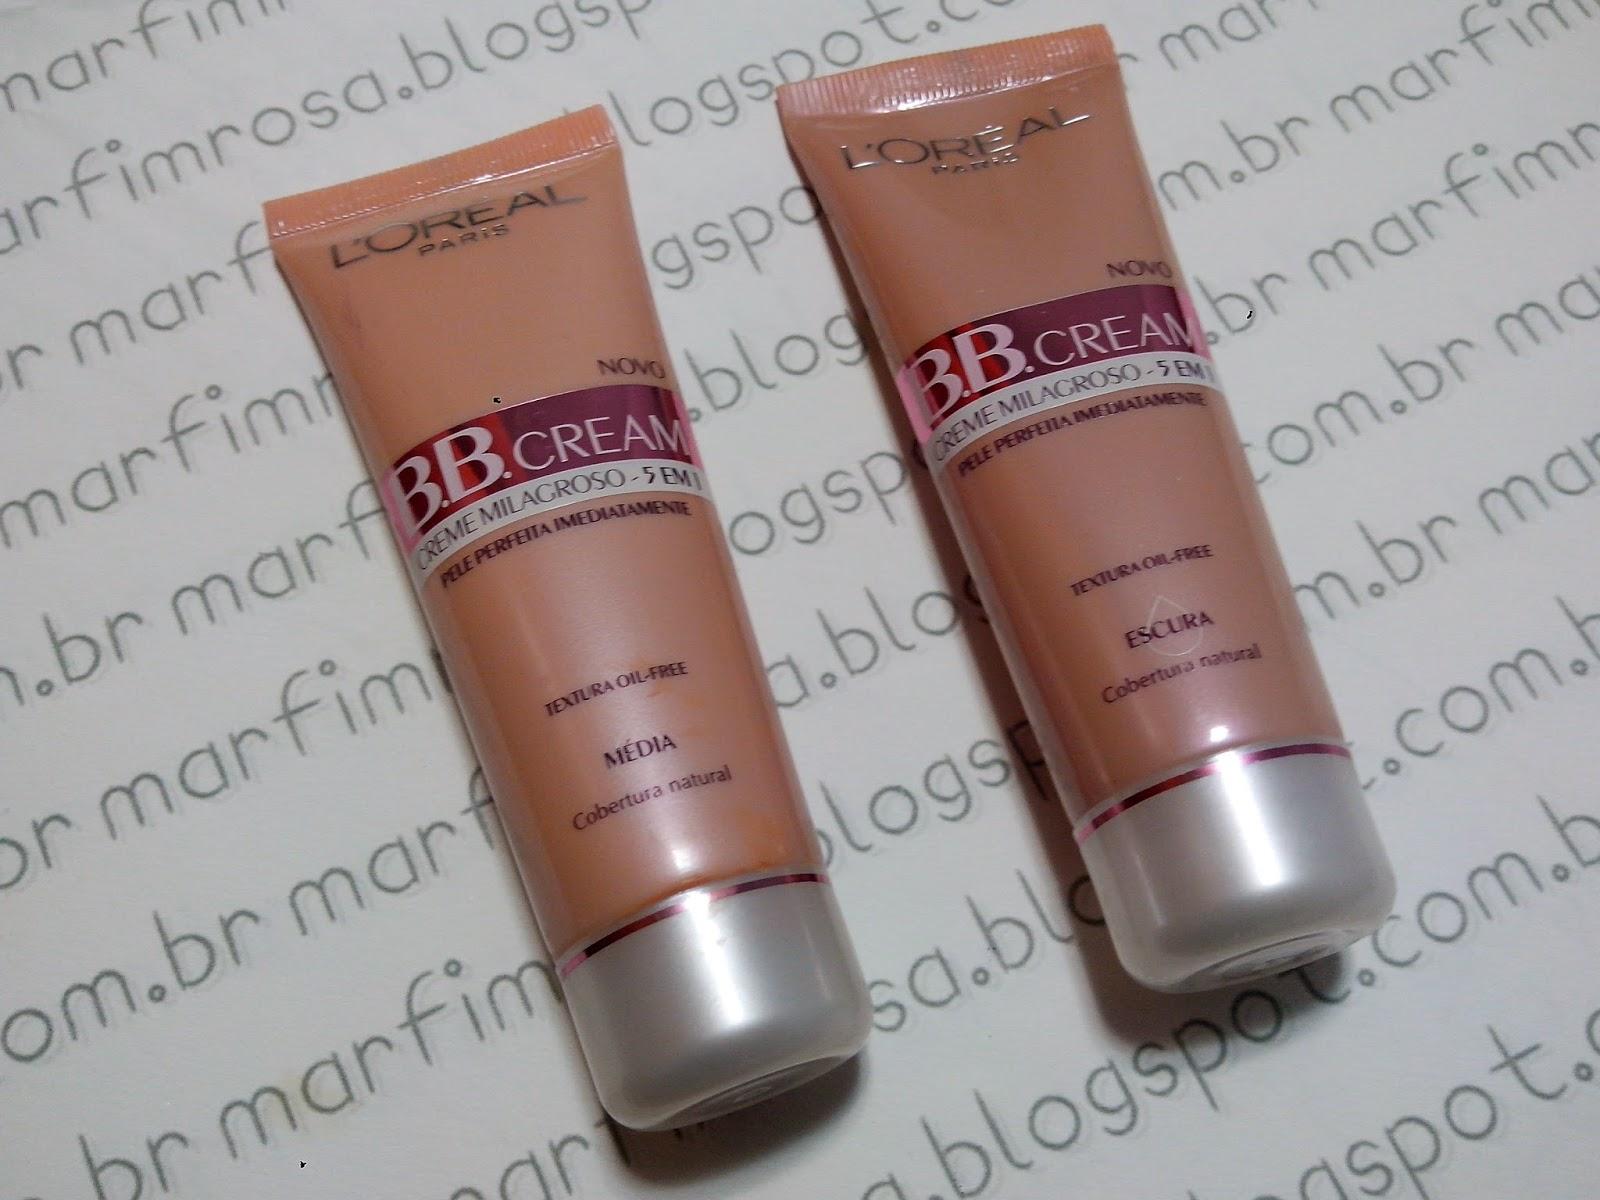 BB Cream Creme Milagroso 5 em 1 L'oreal - Cor Média e Escuro resenha